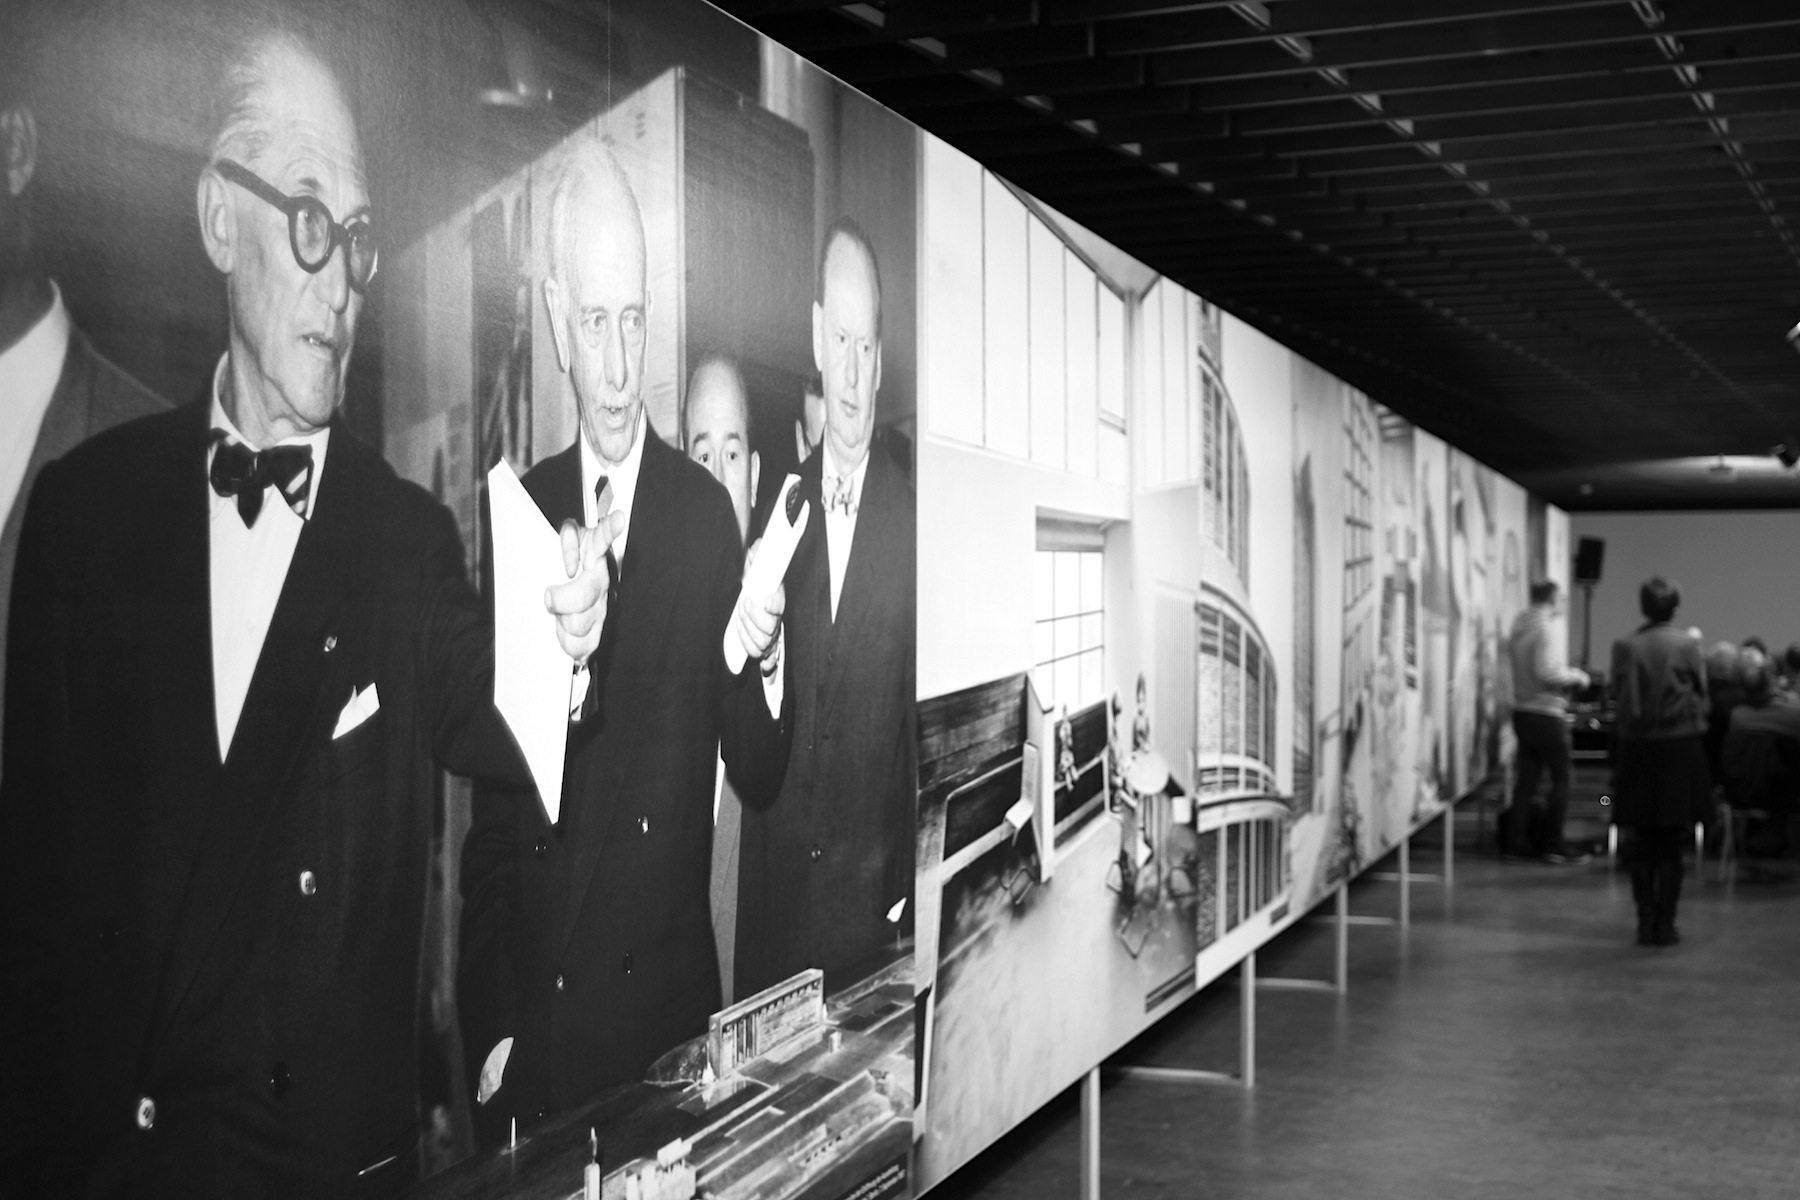 """Otto Bartning.  Am Eingang der Ausstellung """"Otto Bartning (1883–1959). Architekt einer sozialen Moderne"""" wird die Liga deutlich, in der Bartning gespielt hat. Während der Eröffnung der Ausstellung """"Le Corbusier – Architektur, Malerei, Plastik, Wandteppiche"""" am 7.9.1957 in Berlin stehen Le Corbusier, Bartning und Hans Scharoun (v.l.n.r.) einträchtig nebeneinander."""